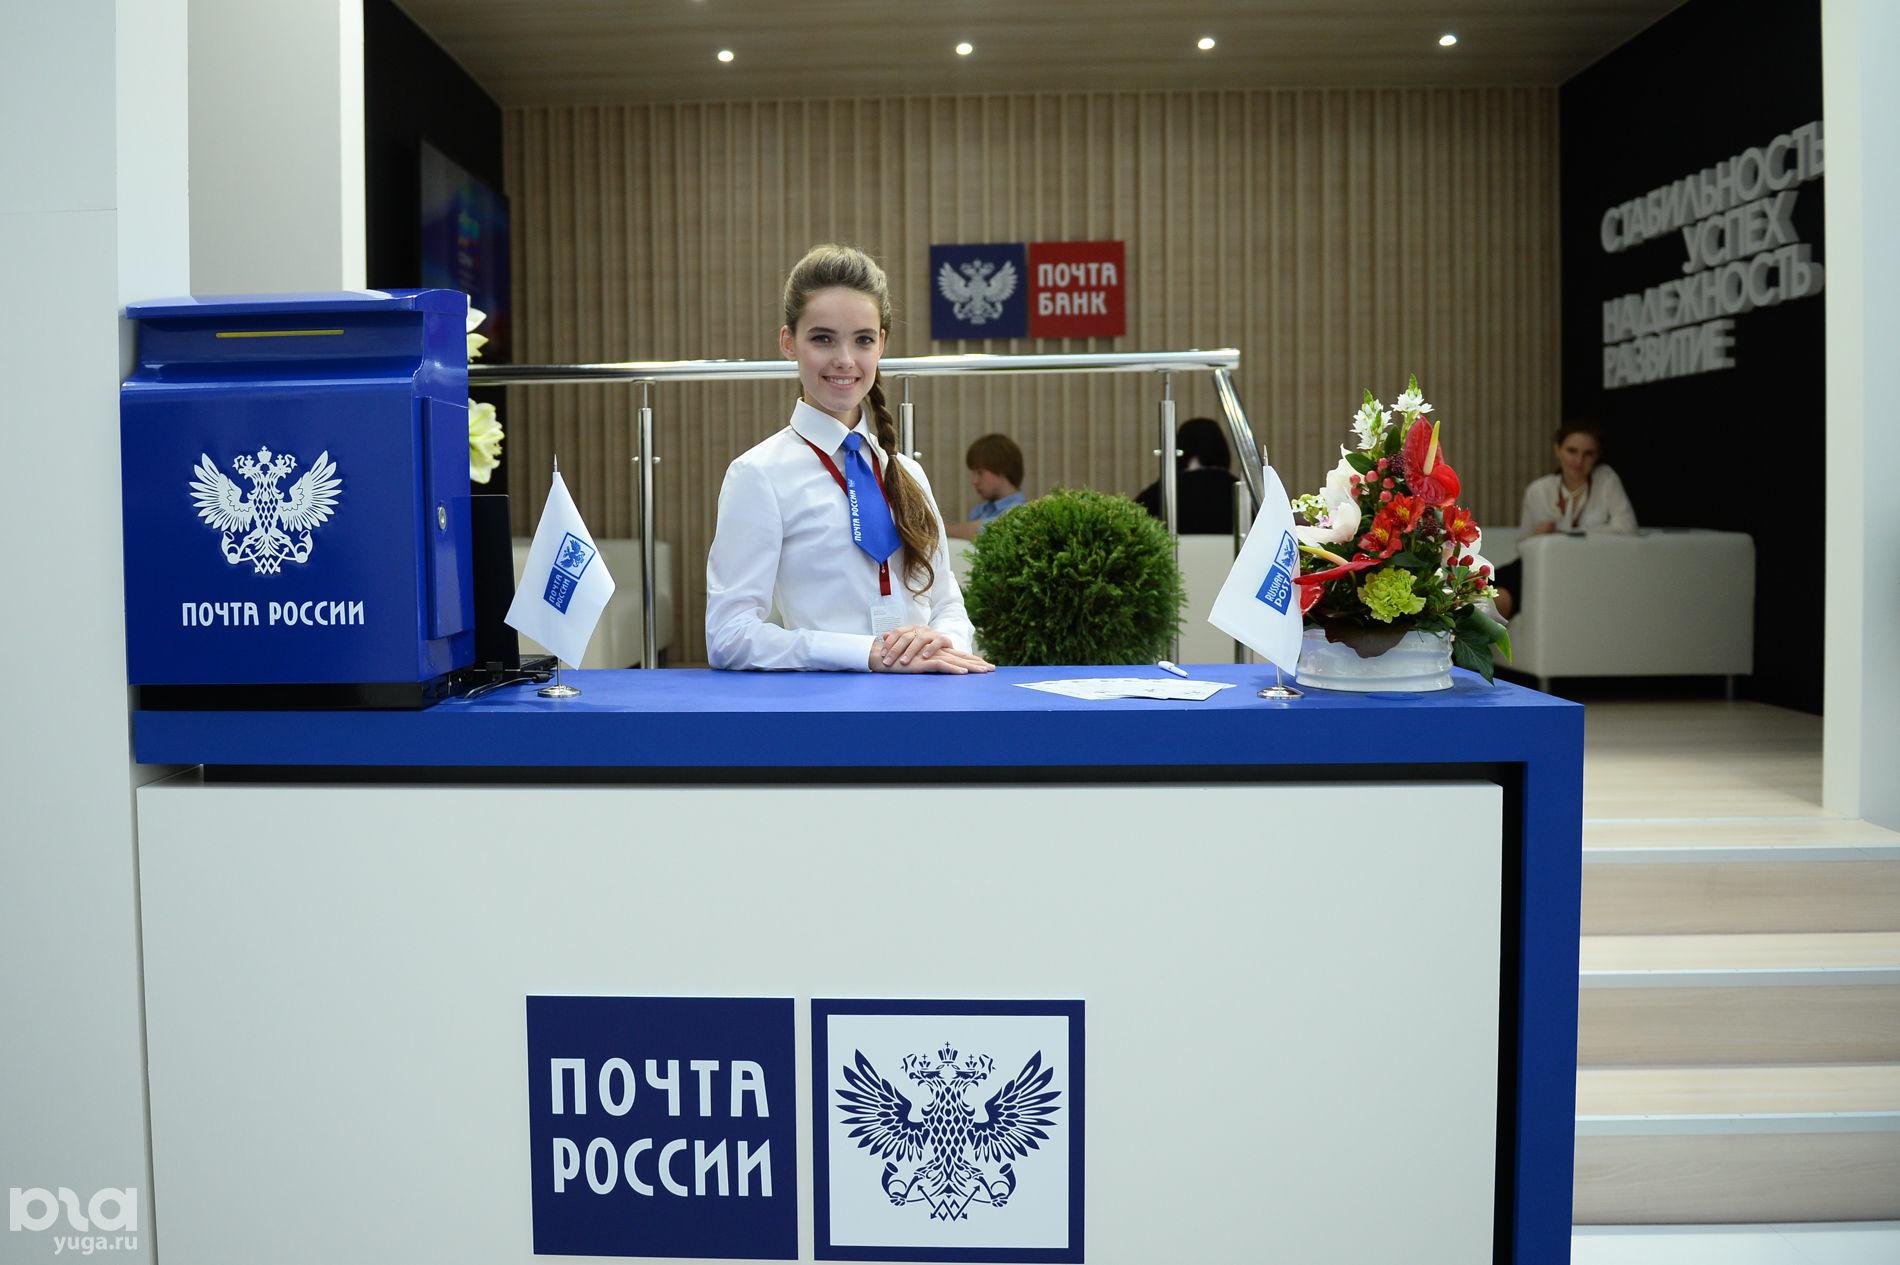 Российский инвестиционный форум в Сочи - 2017 ©Фото Никиты Быкова, Юга.ру